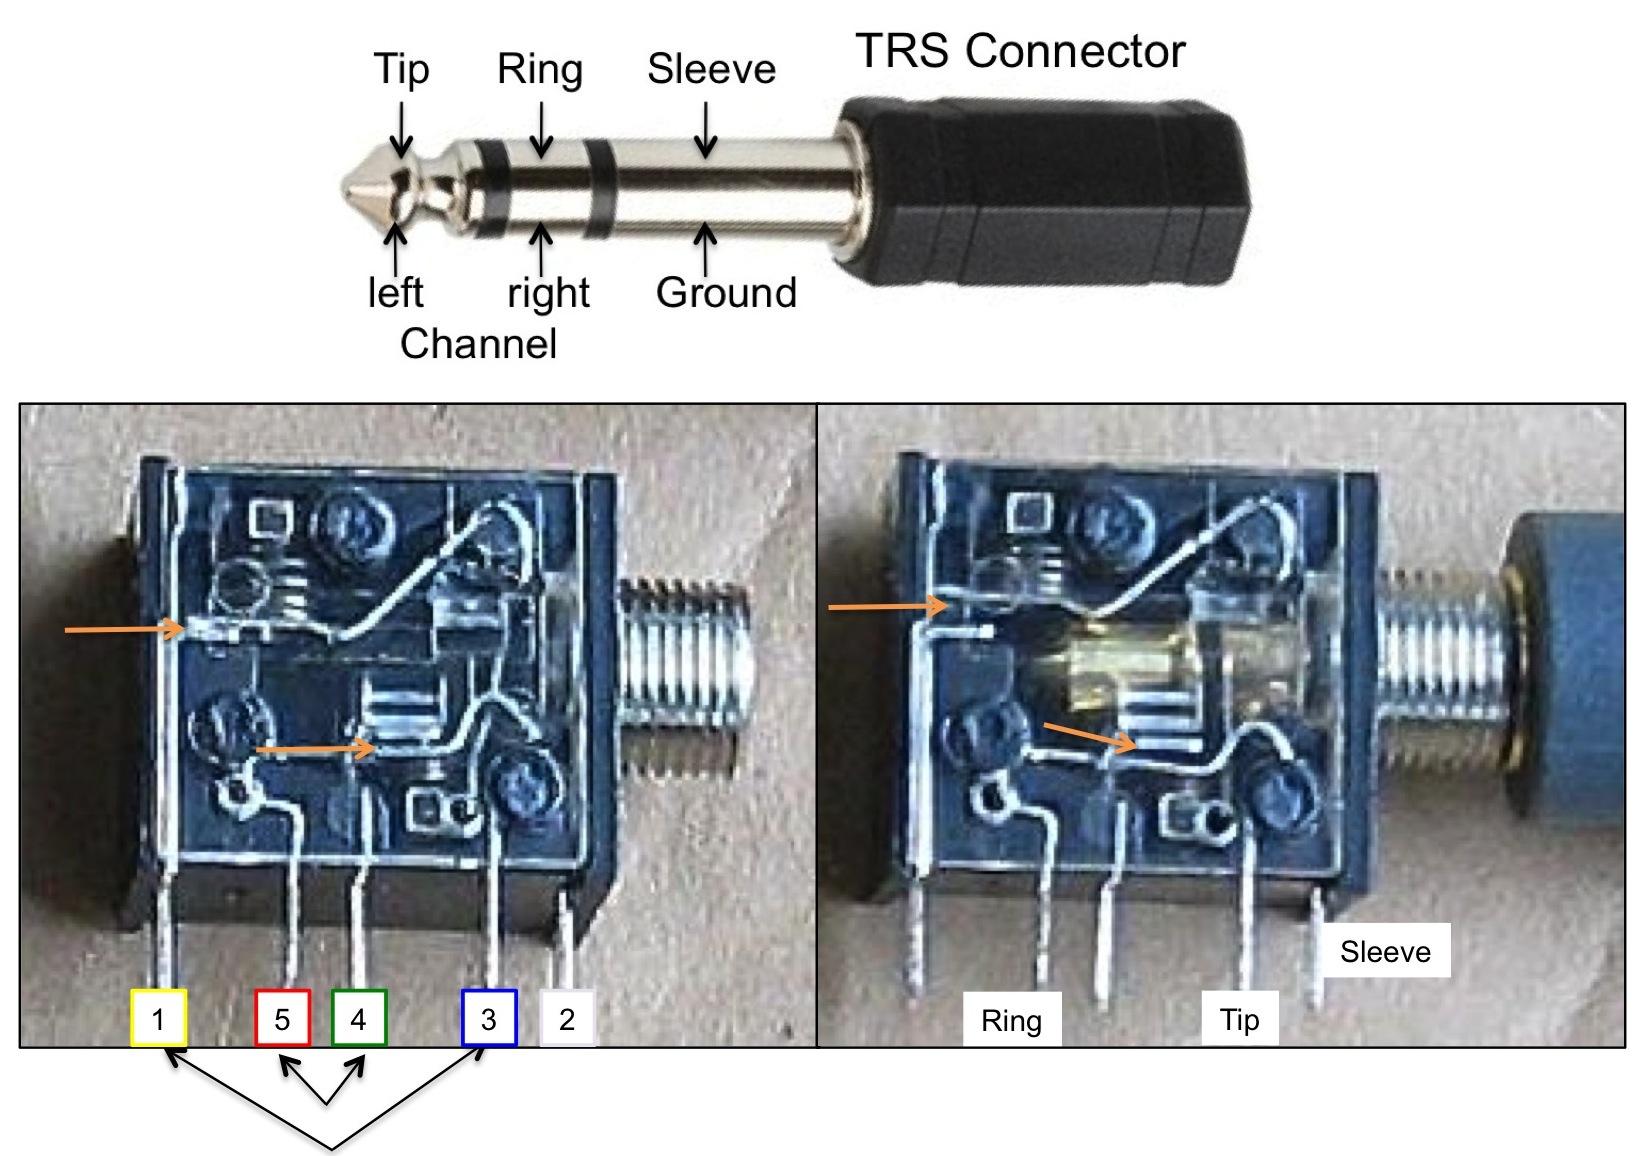 GD_8305] Wiring Diagram For 3 5 Mm Stereo Plugs Schematic WiringOver Viha Aspi Cular Phae Mohammedshrine Librar Wiring 101